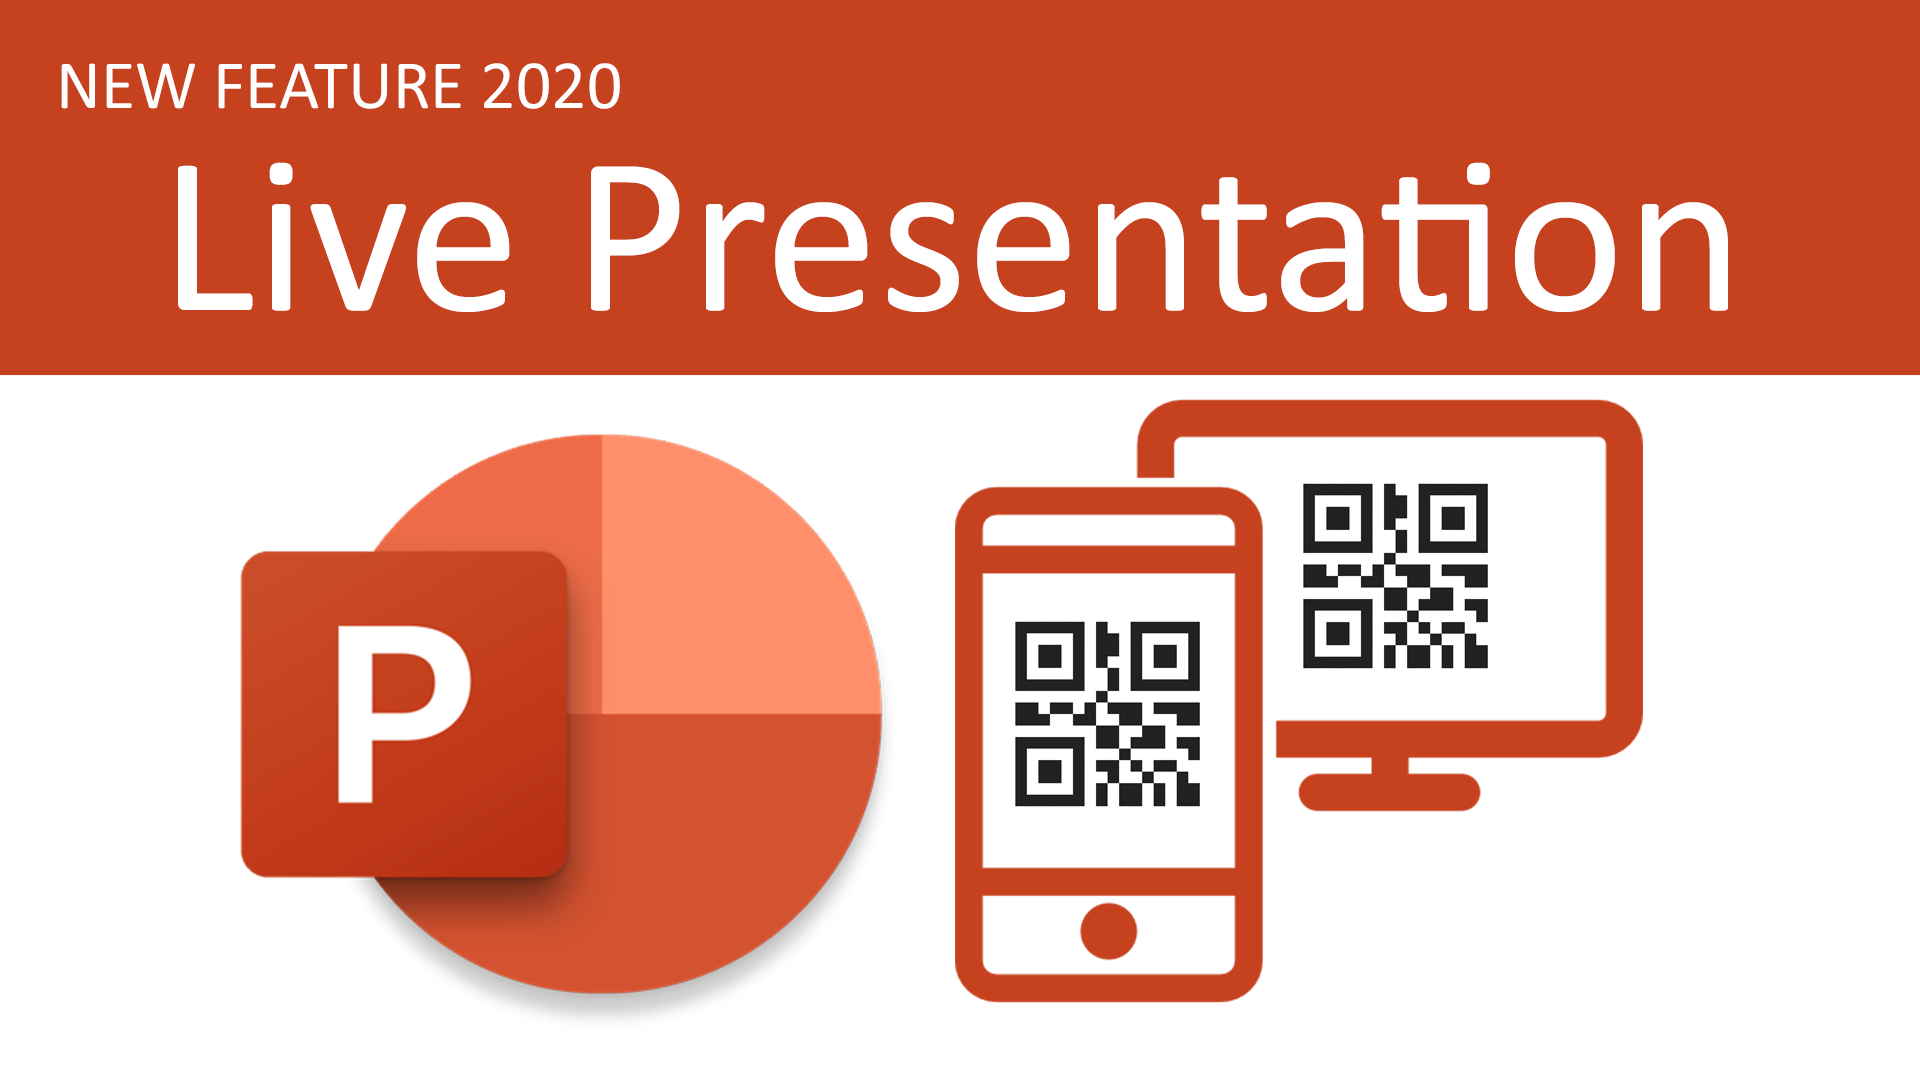 รูปภาพปกบทความLive Presentation ฟีเจอร์ใหม่ PowerPoint Online สามารถแชร์ ส่งต่อสไลด์แบบสดๆ ผ่าน QR-Code ได้แล้ว